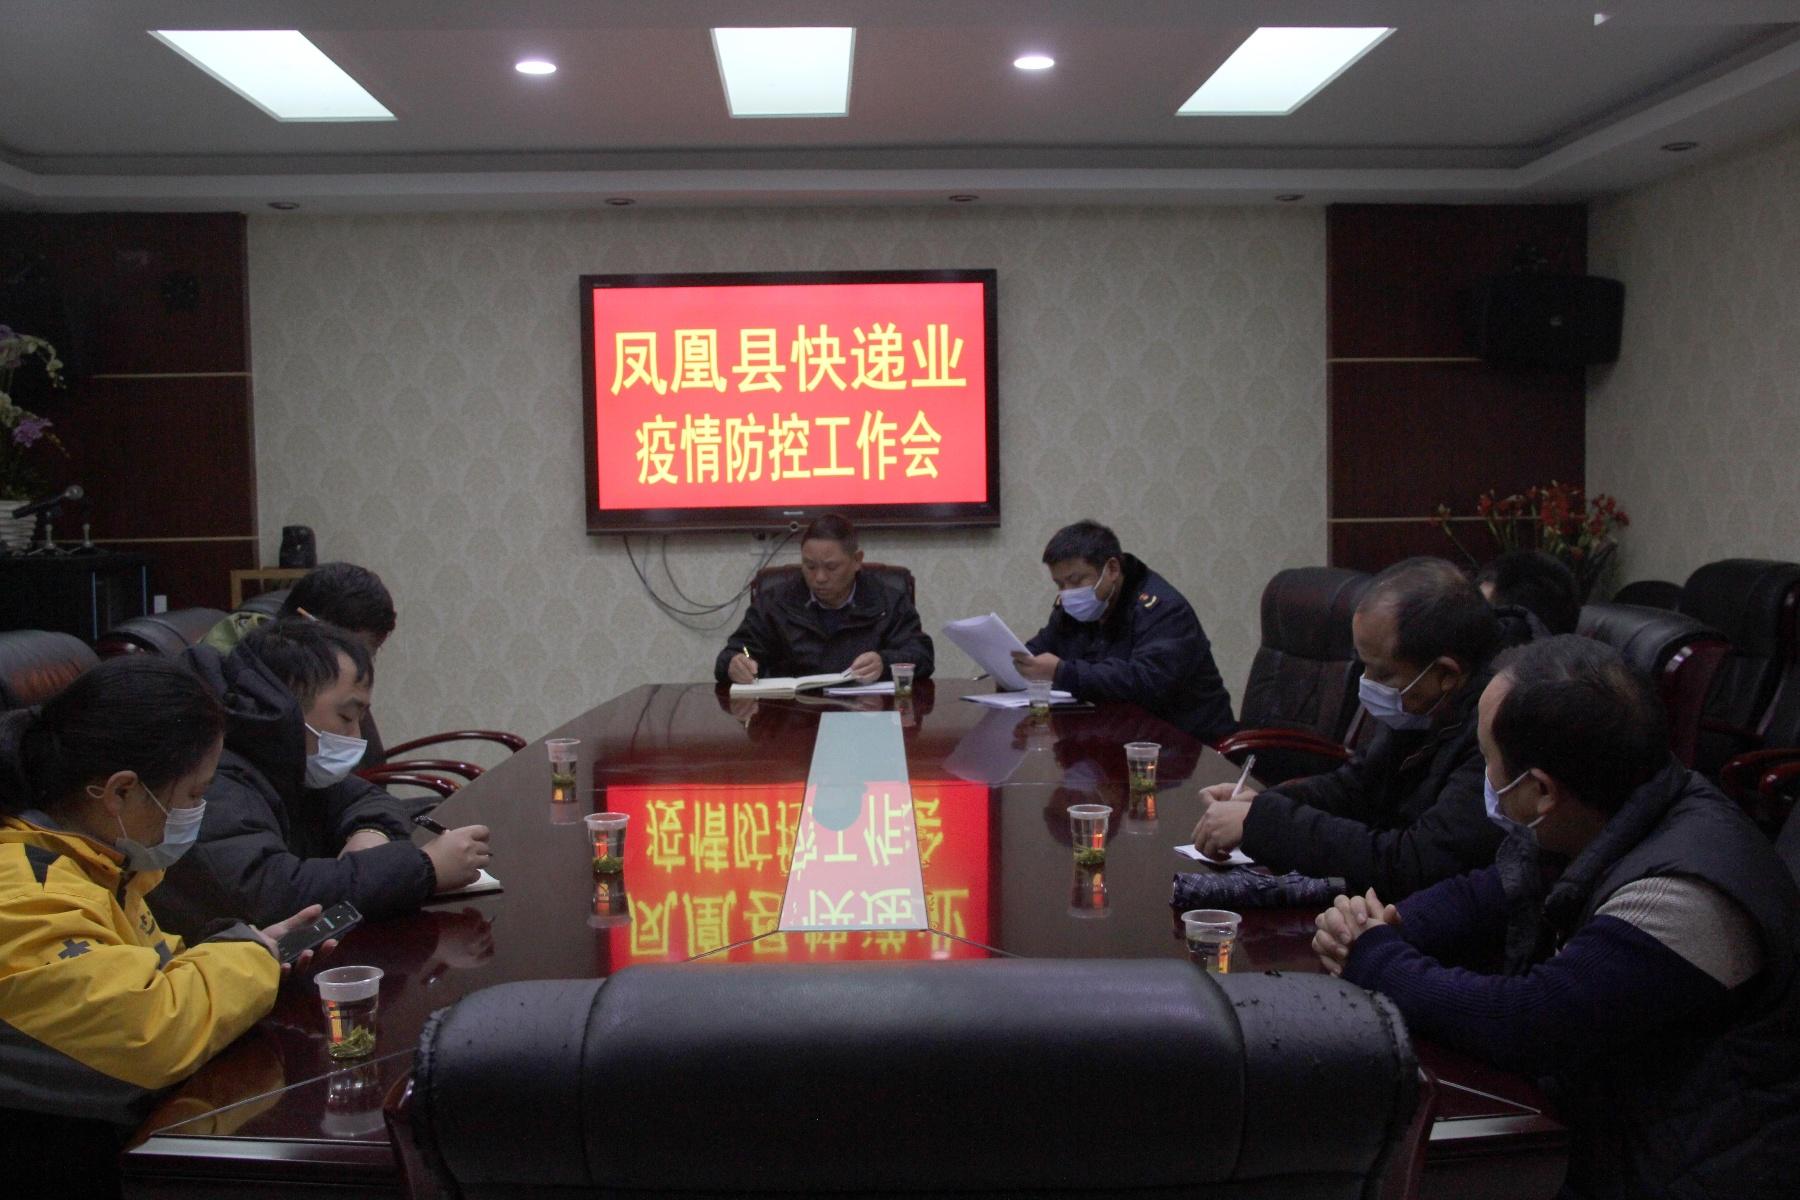 凤凰县加强快递行业疫情防控工作